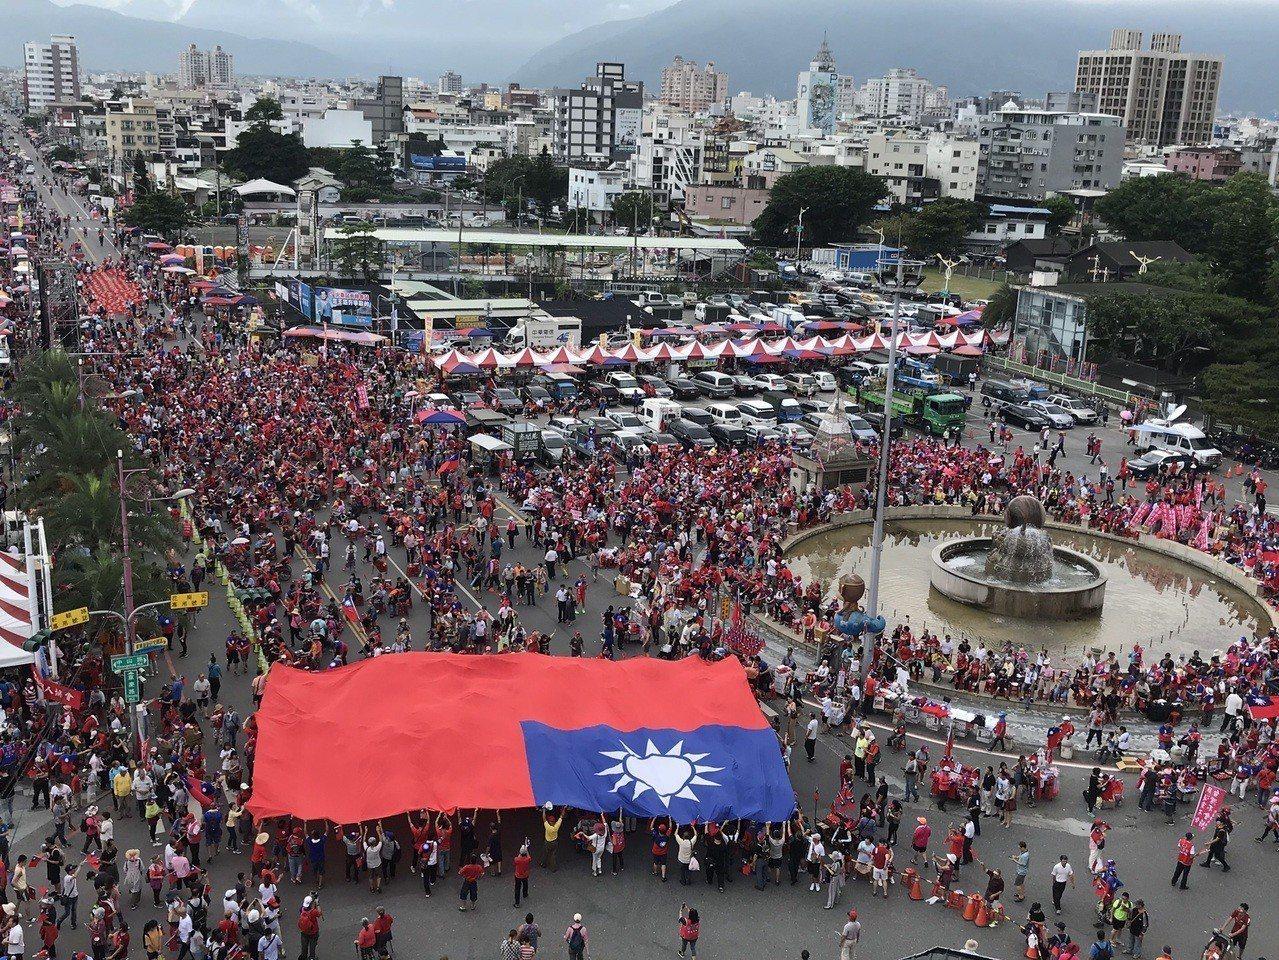 許多韓粉已湧入韓國瑜造勢會場,現場大國旗已經攤開在會場傳接,氣氛熱烈。記者王燕華...